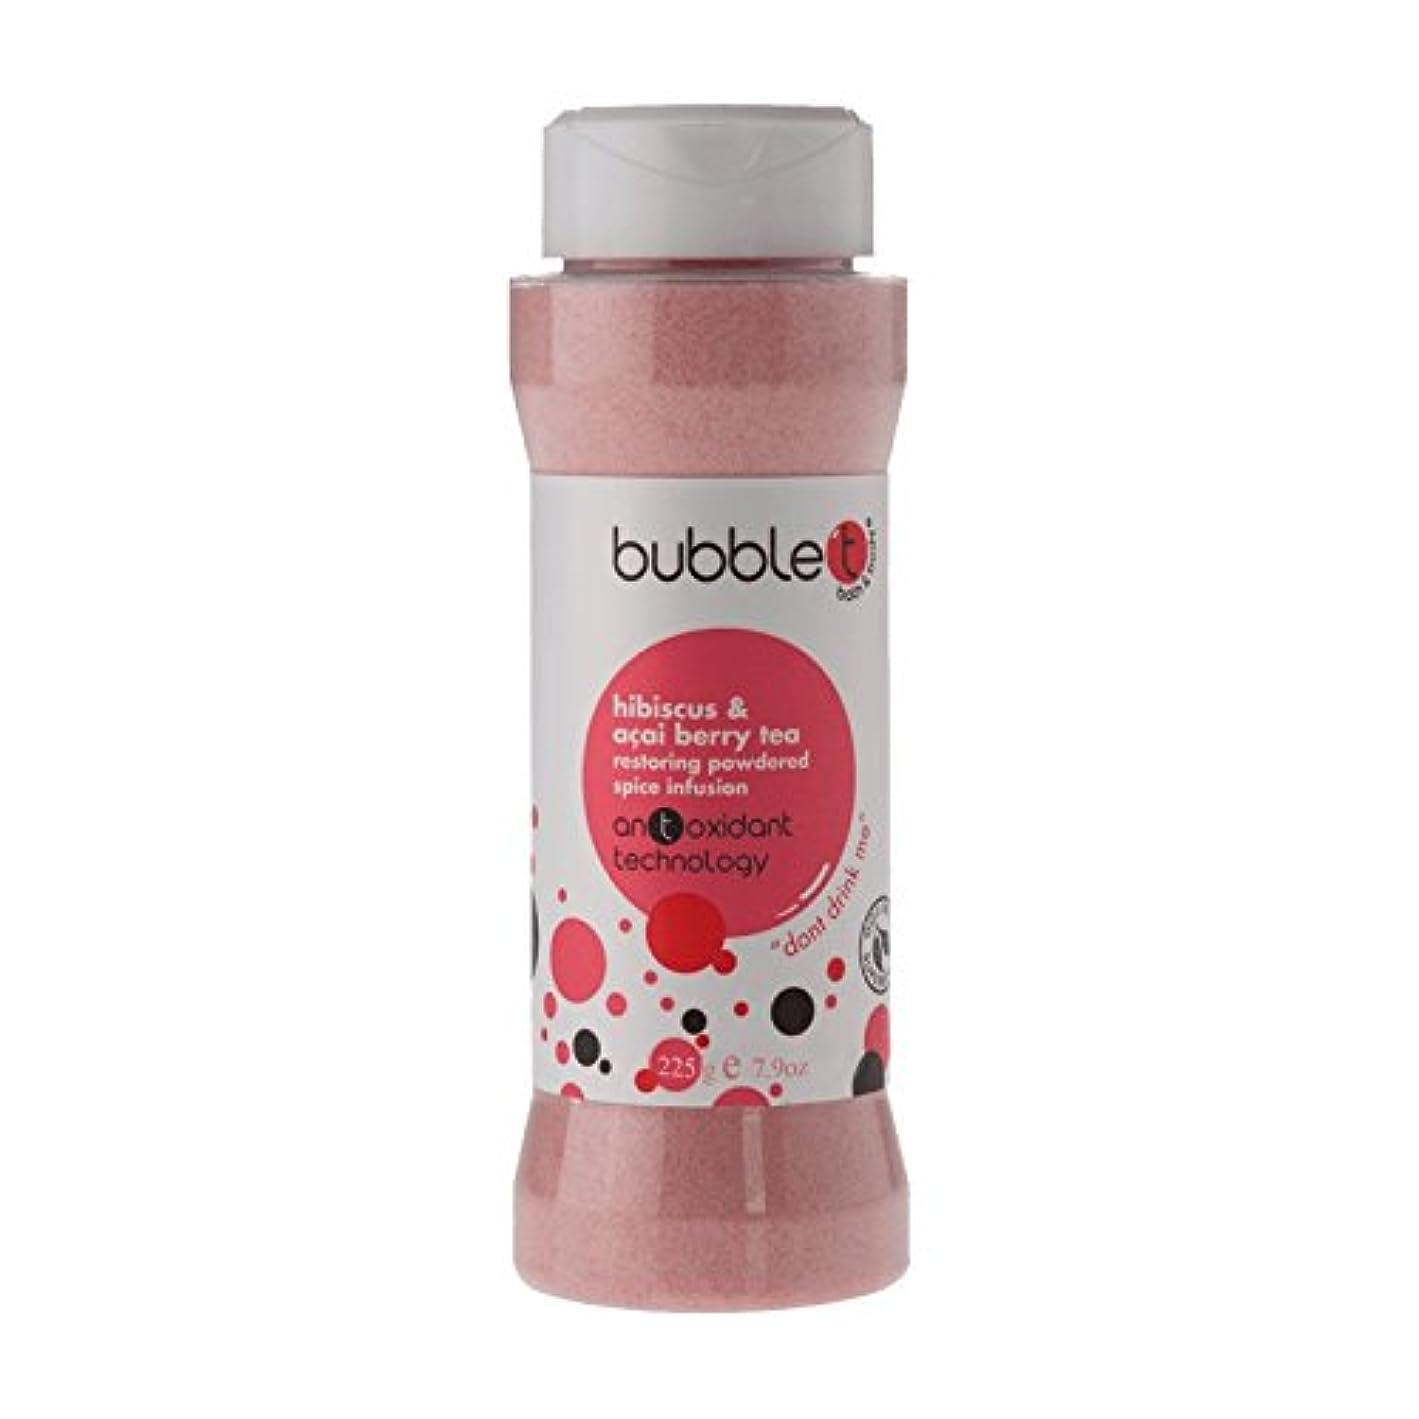 多様なエクスタシーダッシュバブルトン風呂スパイス注入ハイビスカス&アサイベリー茶225グラム - Bubble T Bath Spice Infusion Hibiscus & Acai Berry Tea 225g (Bubble T) [並行輸入品]